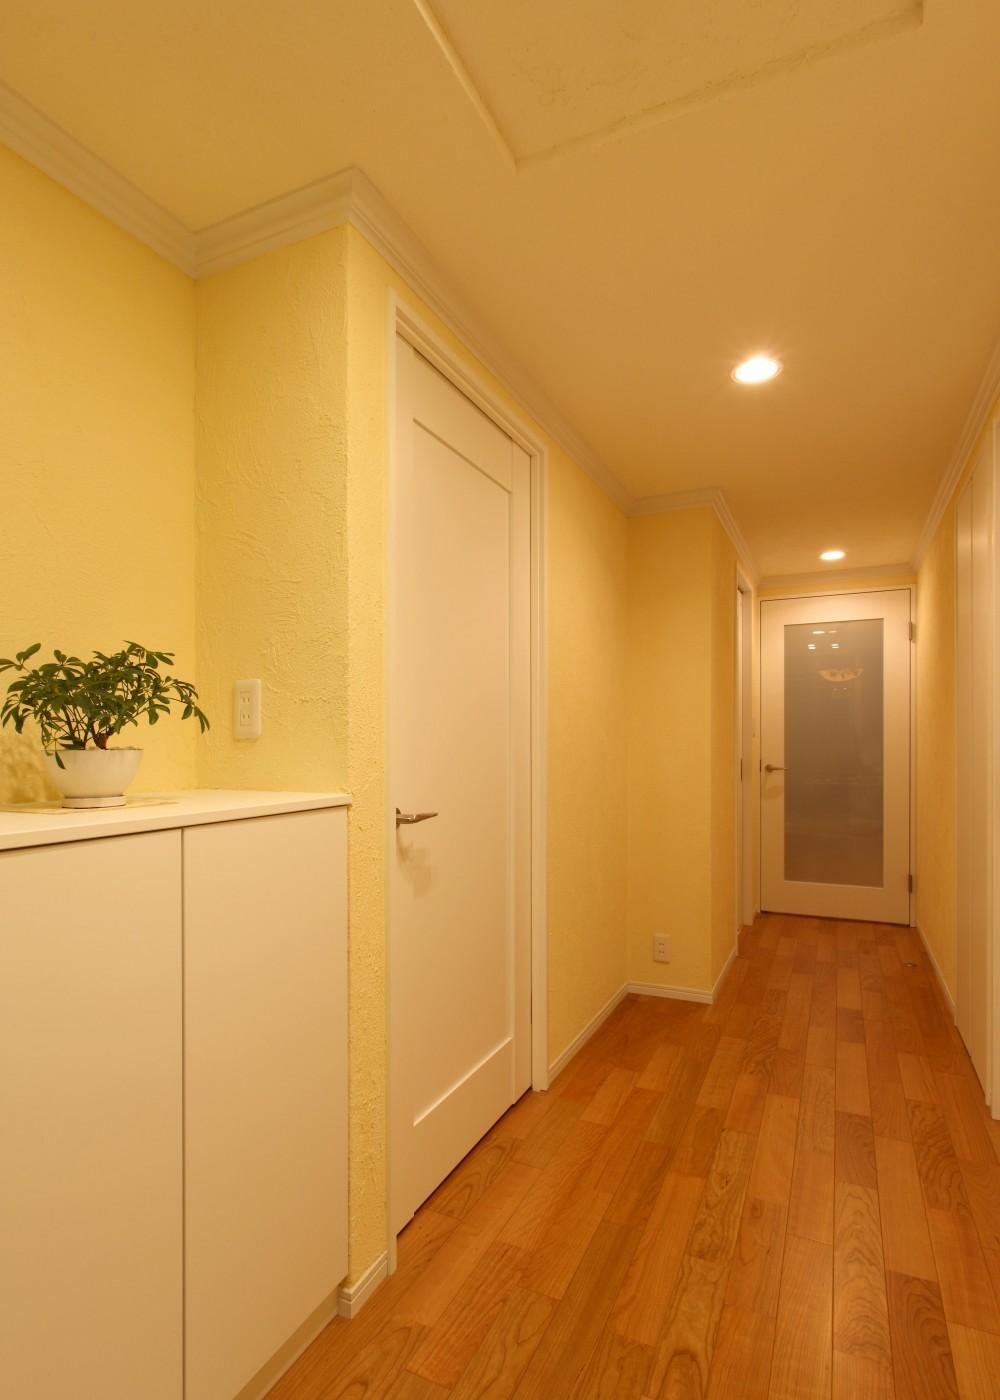 環境・アクセスに恵まれ、自然素材にこだわった住まい (廊下)